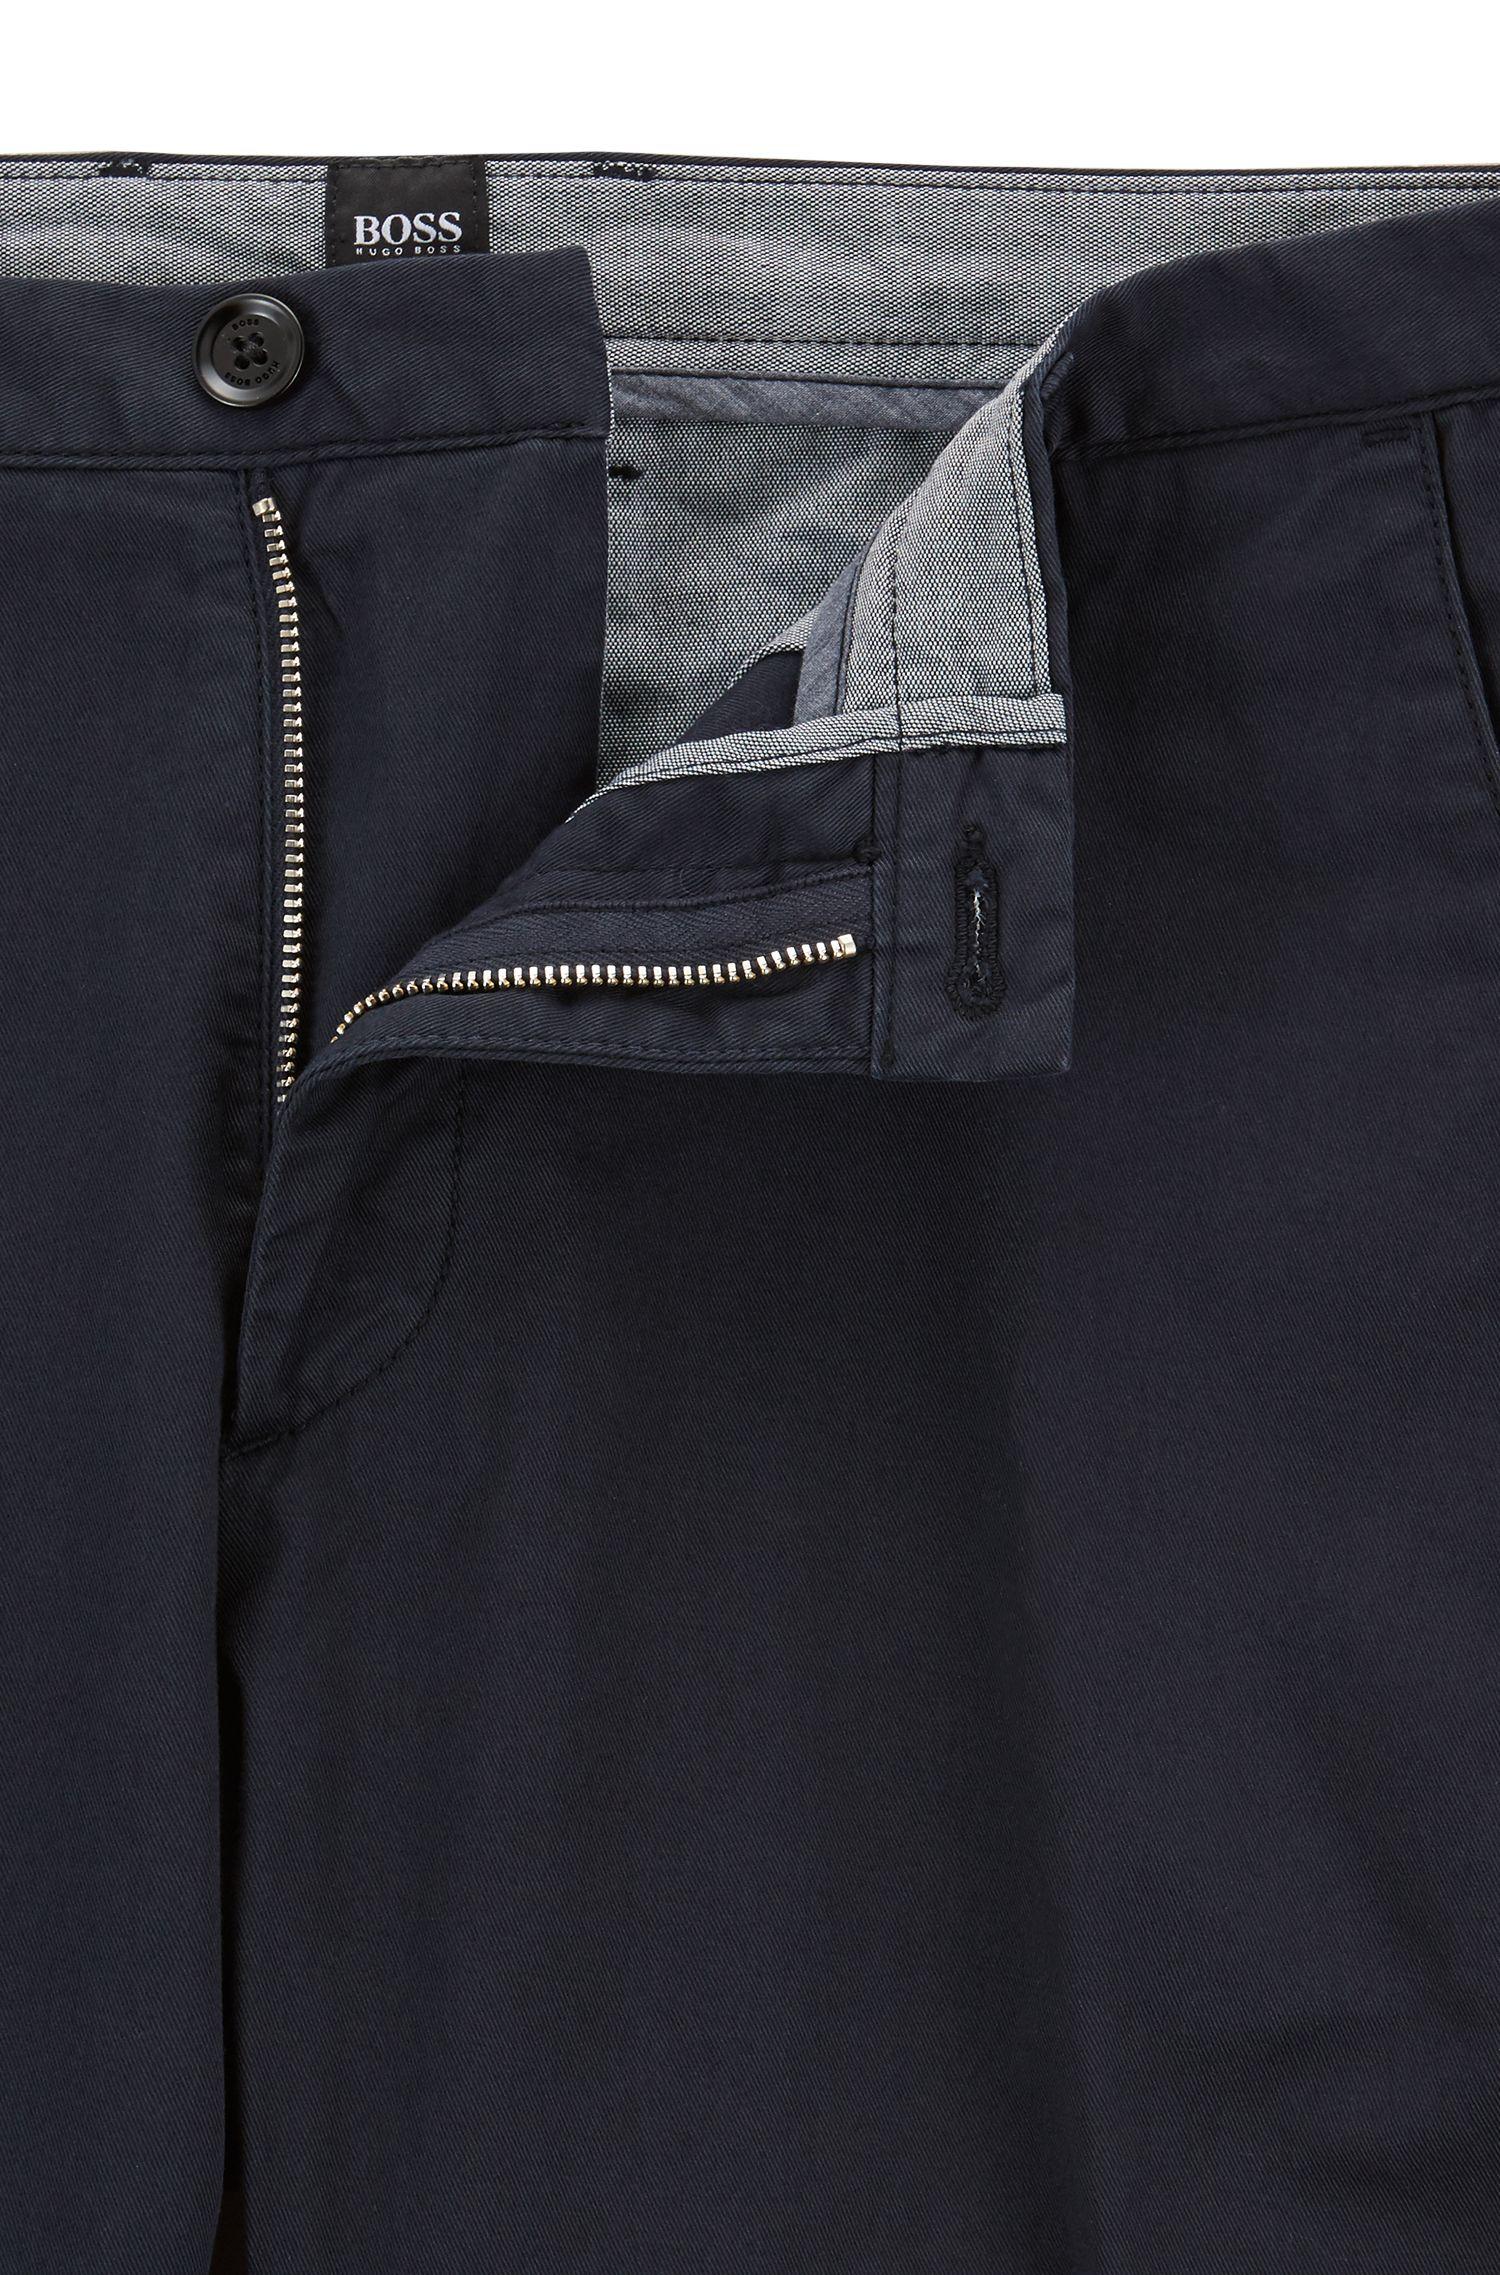 Slim-Fit Hose mit geradem Beinverlauf: 'Rice3-D'